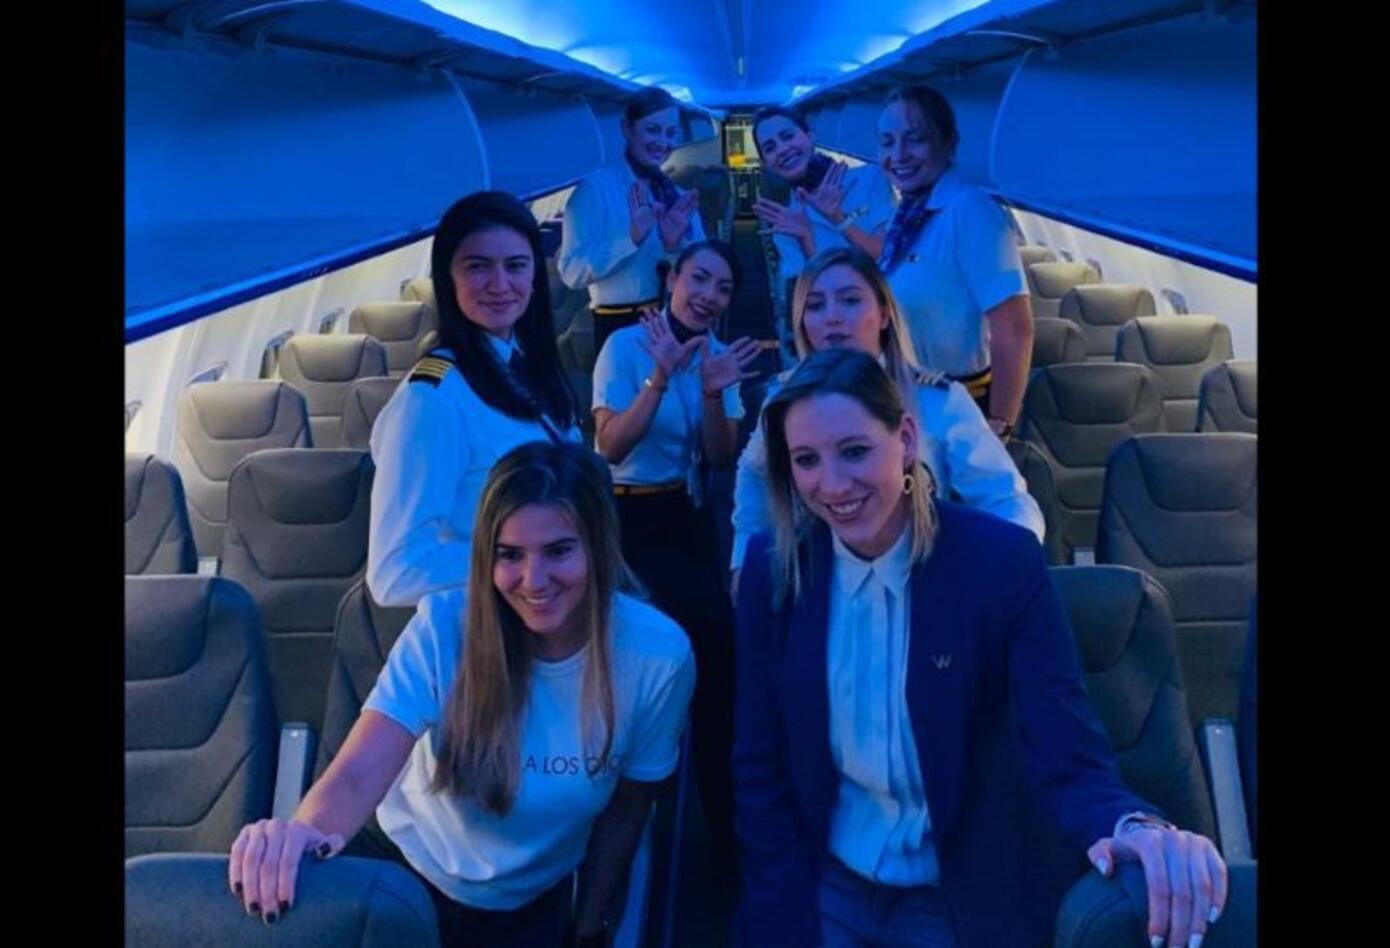 Tripulación femenina del vuelo de la aerolínea Wingo.